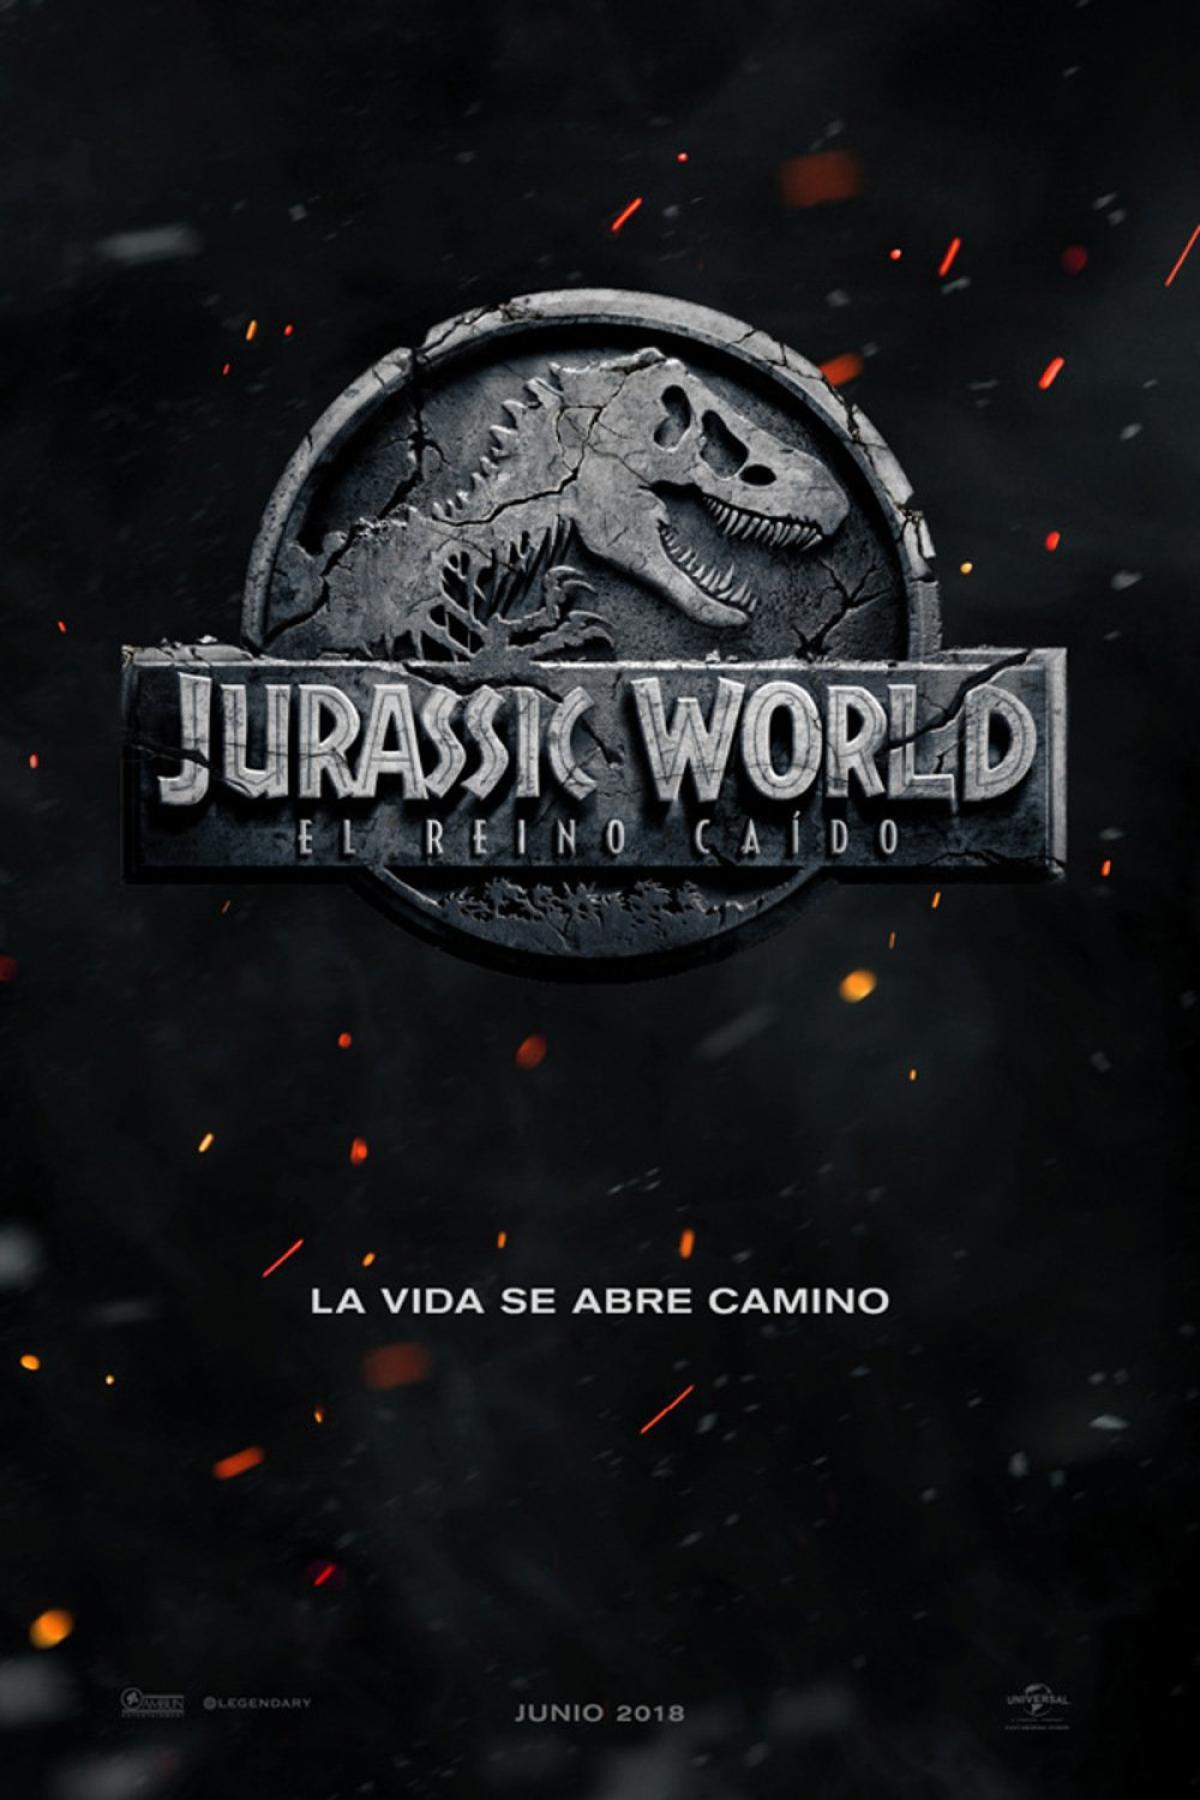 Jurassic World El Reino Caído Críticas Noticias Novedades Y Opiniones Películas En Hobbyconsolas